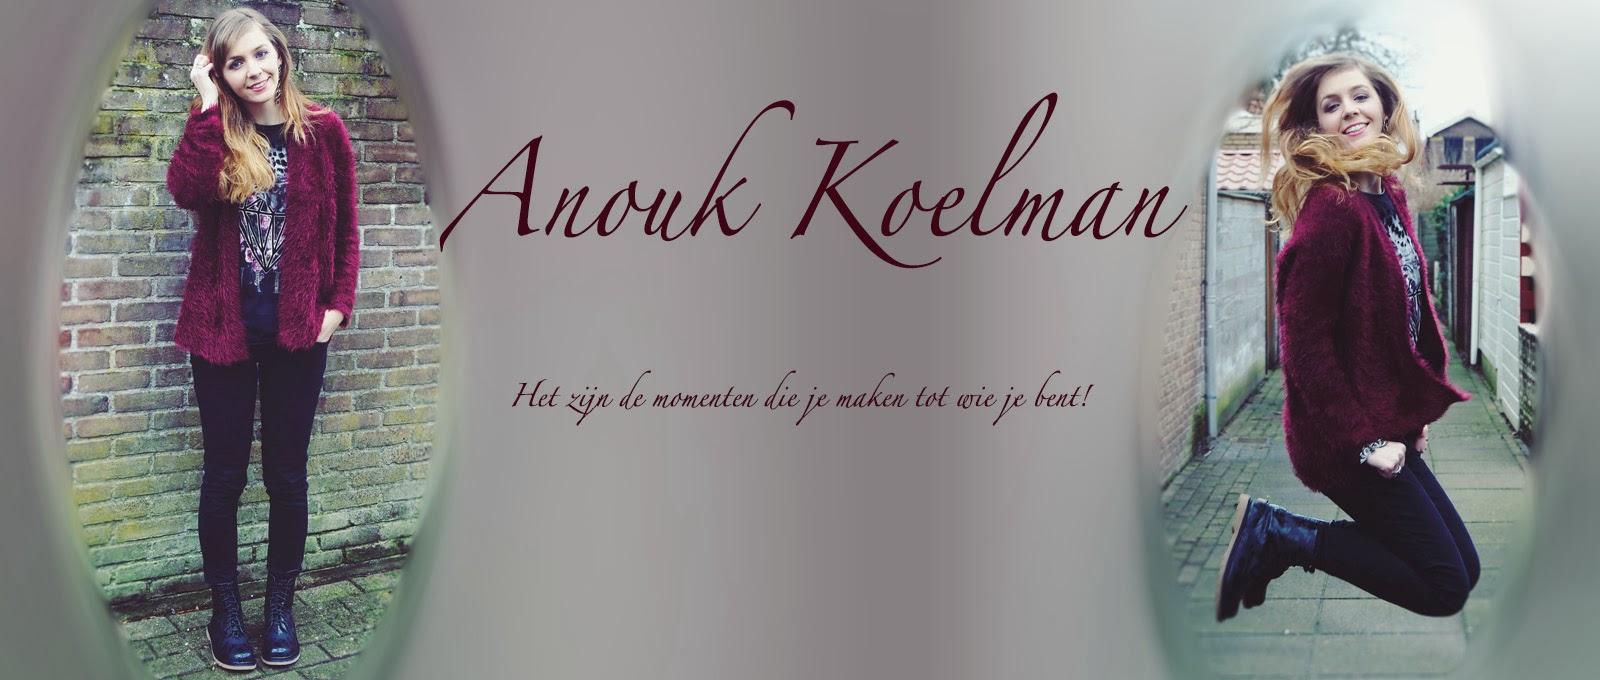 Anouk Koelman